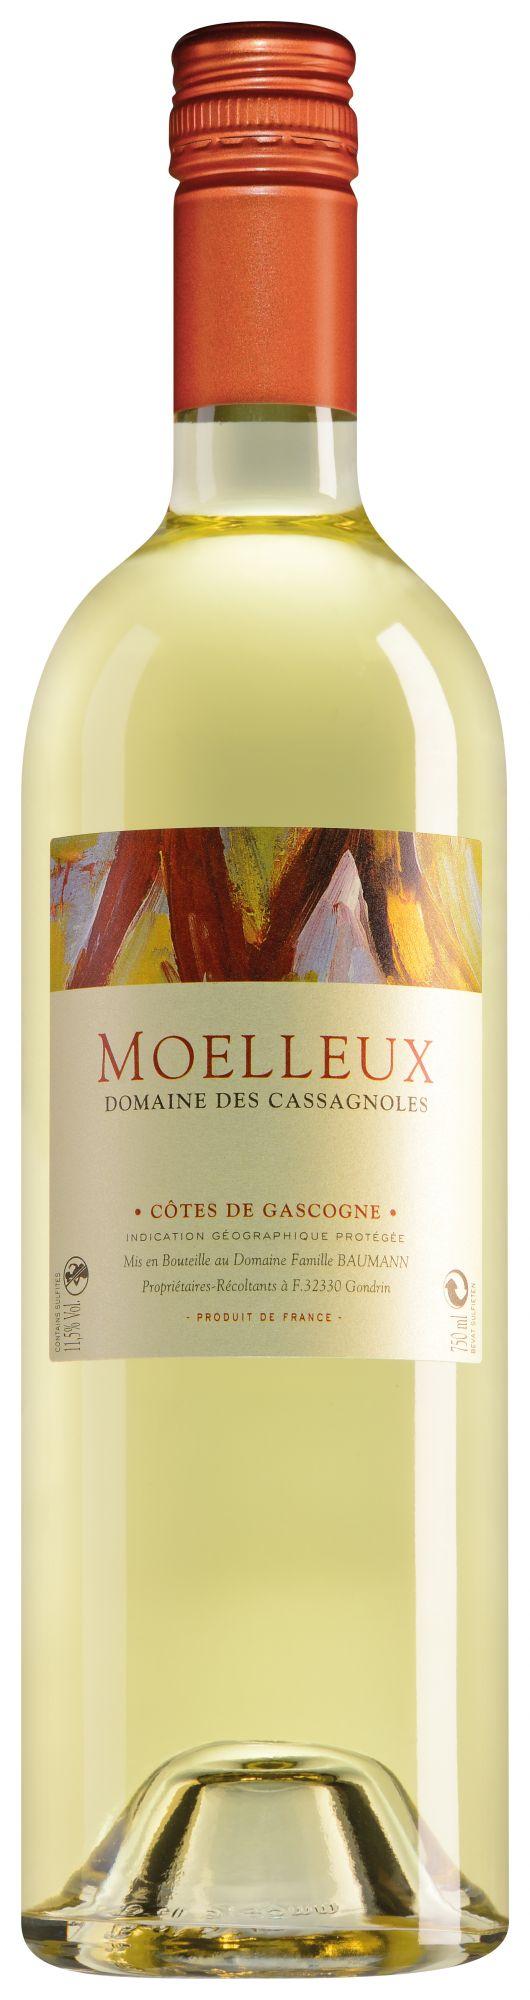 Domaine des Cassagnoles Gascogne Gros Manseng Moelleux